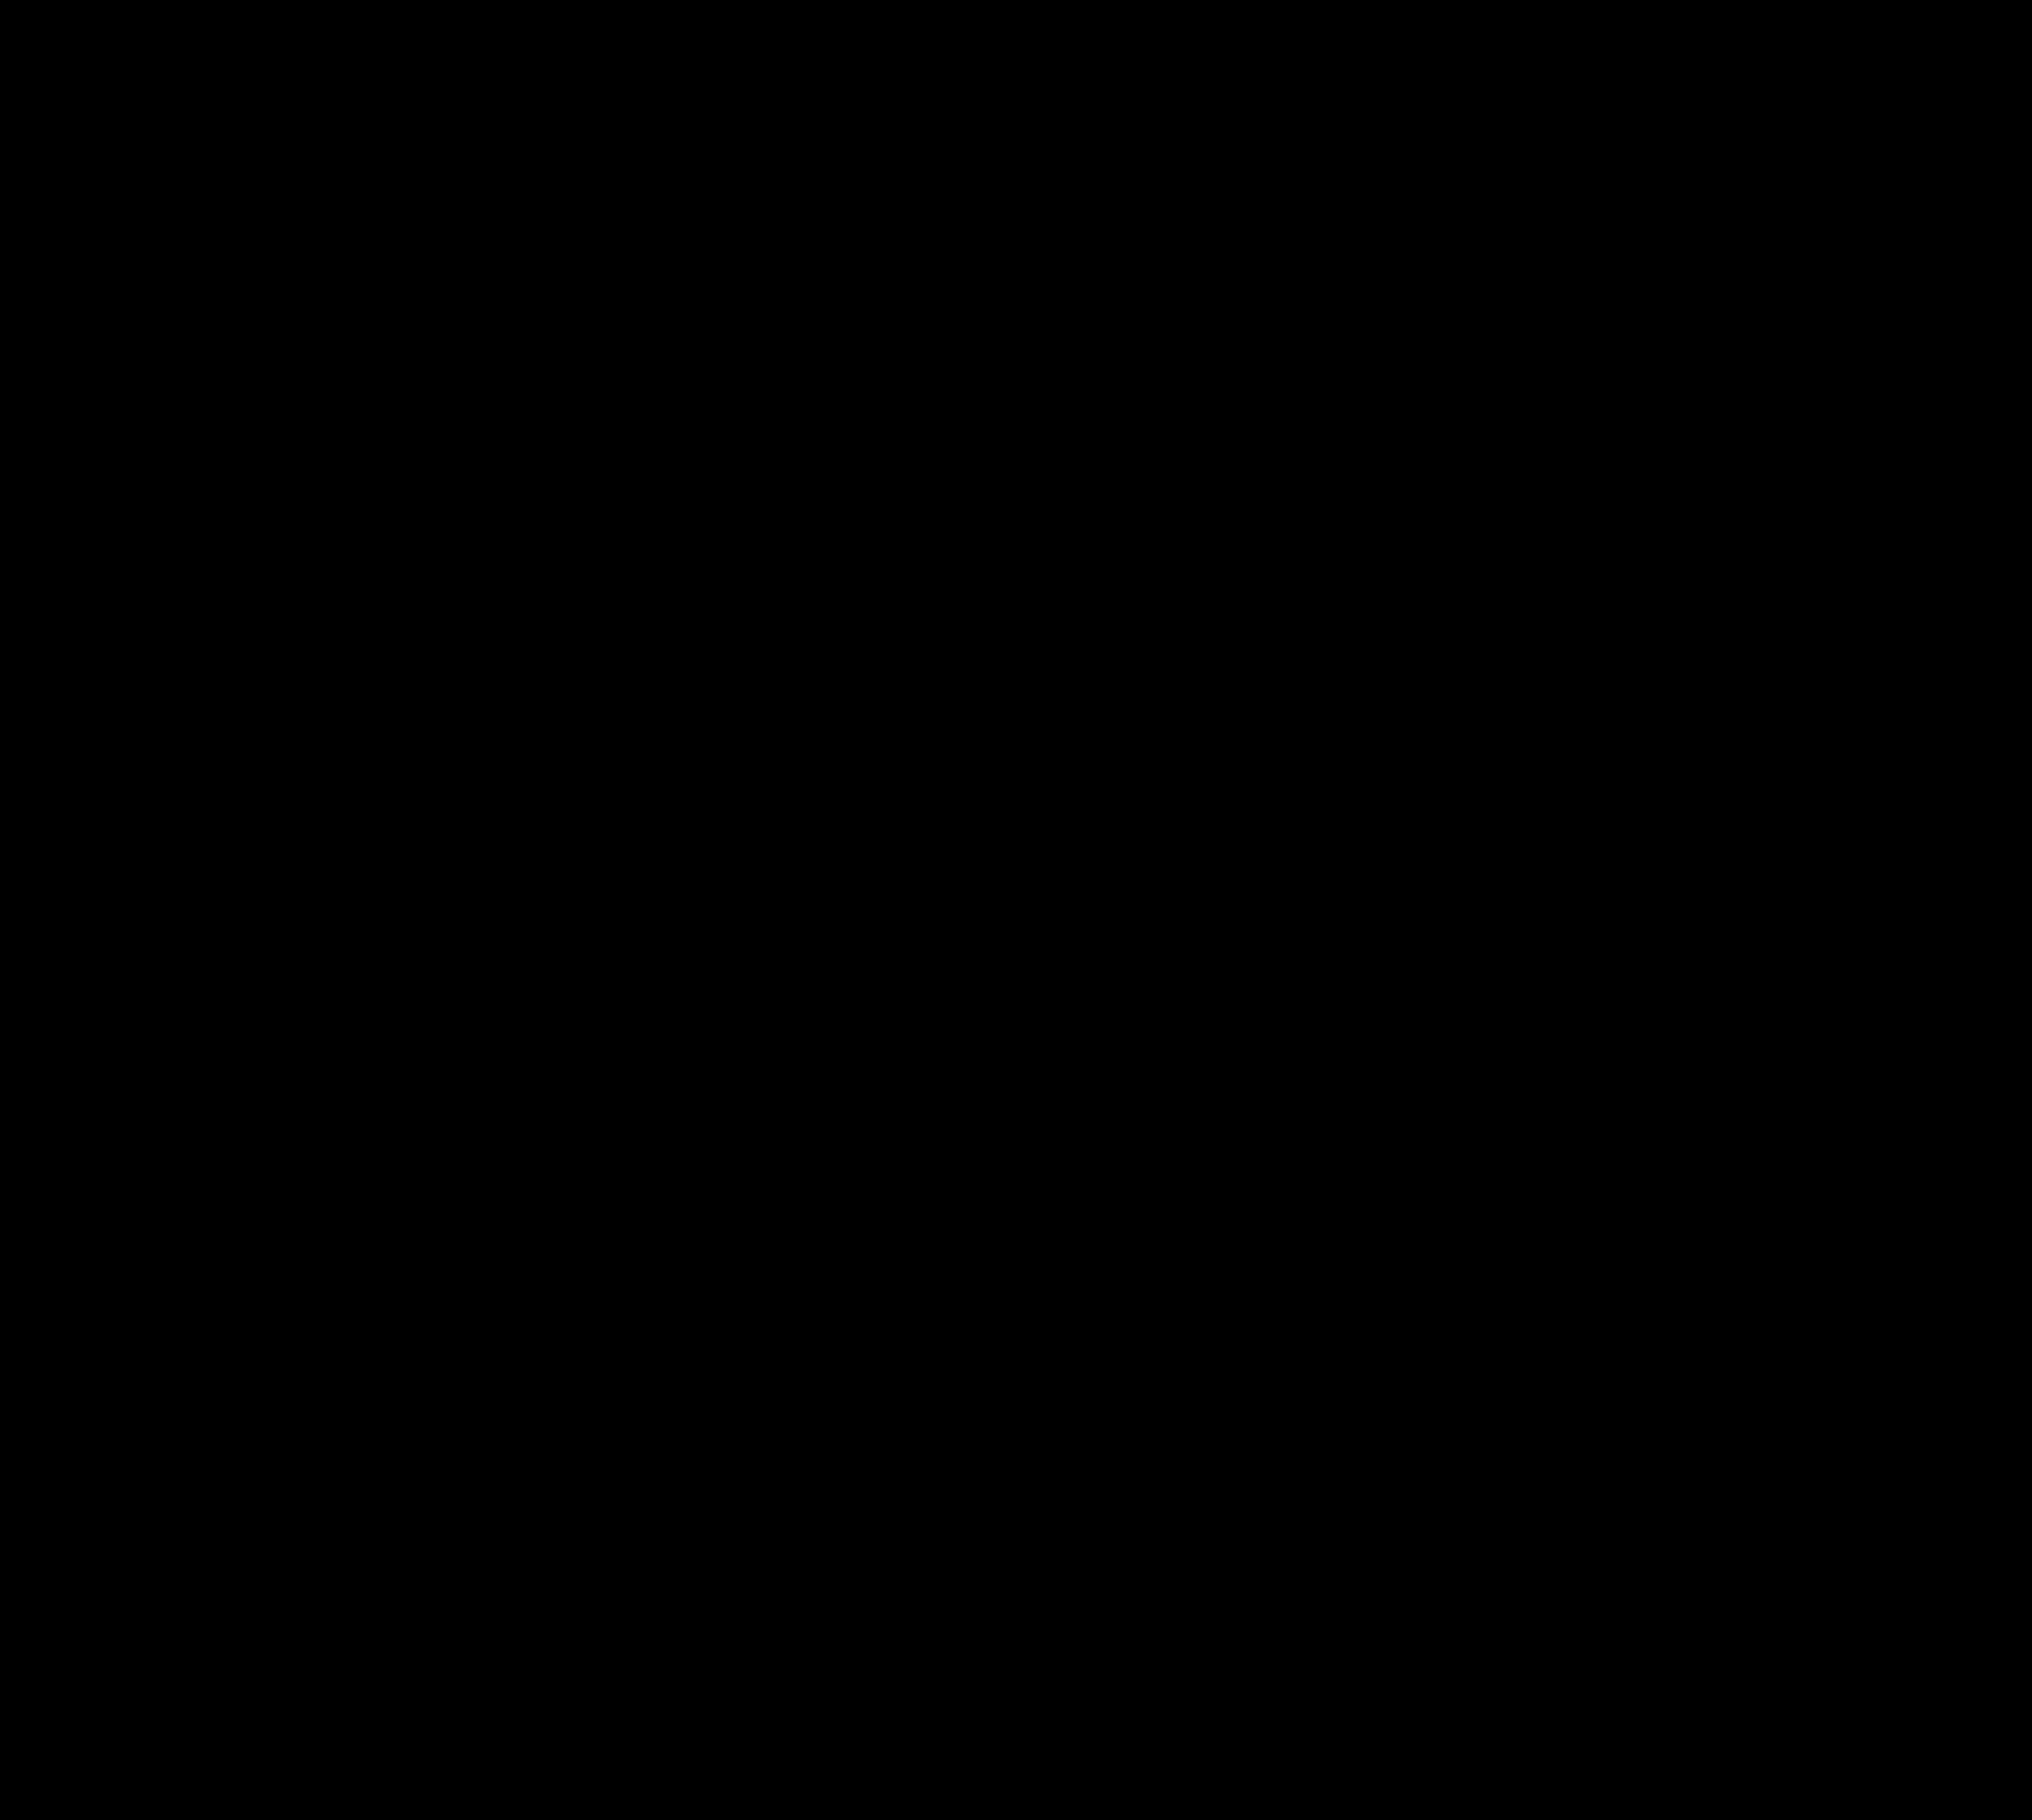 Mi Casita Boricua Restaurant Announces Its Grand Opening Event in Lilburn, Georgia